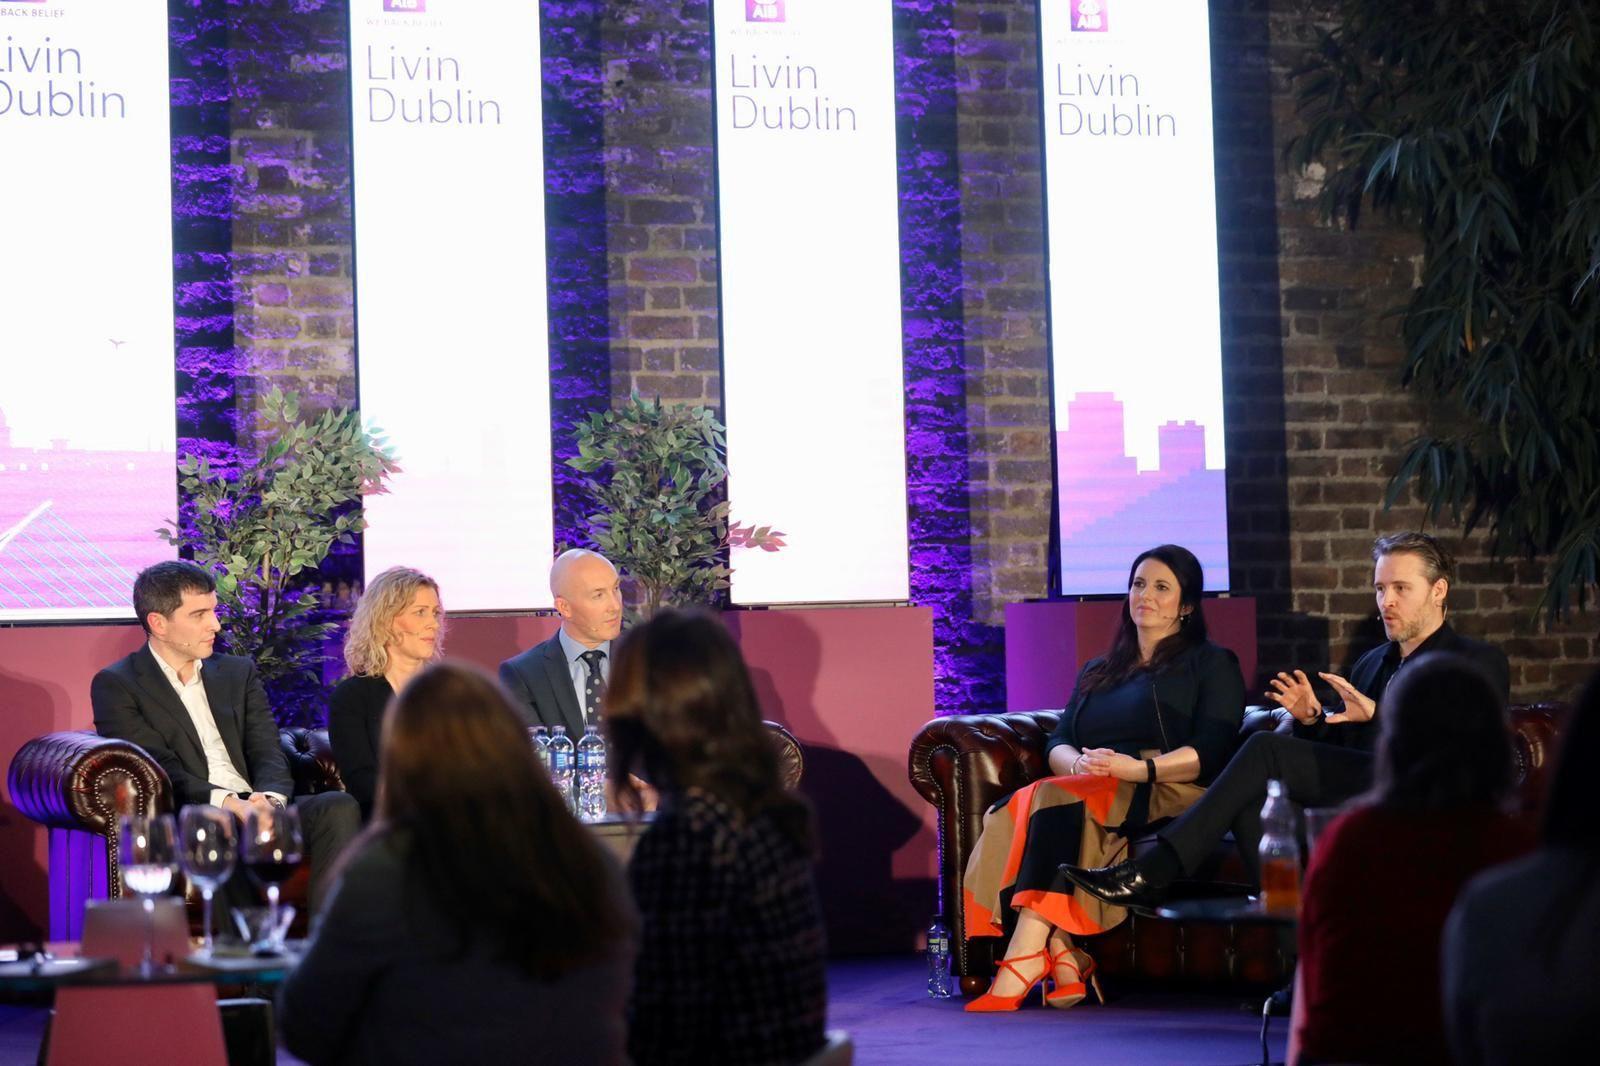 AIB Livin Dublin CHQ summit